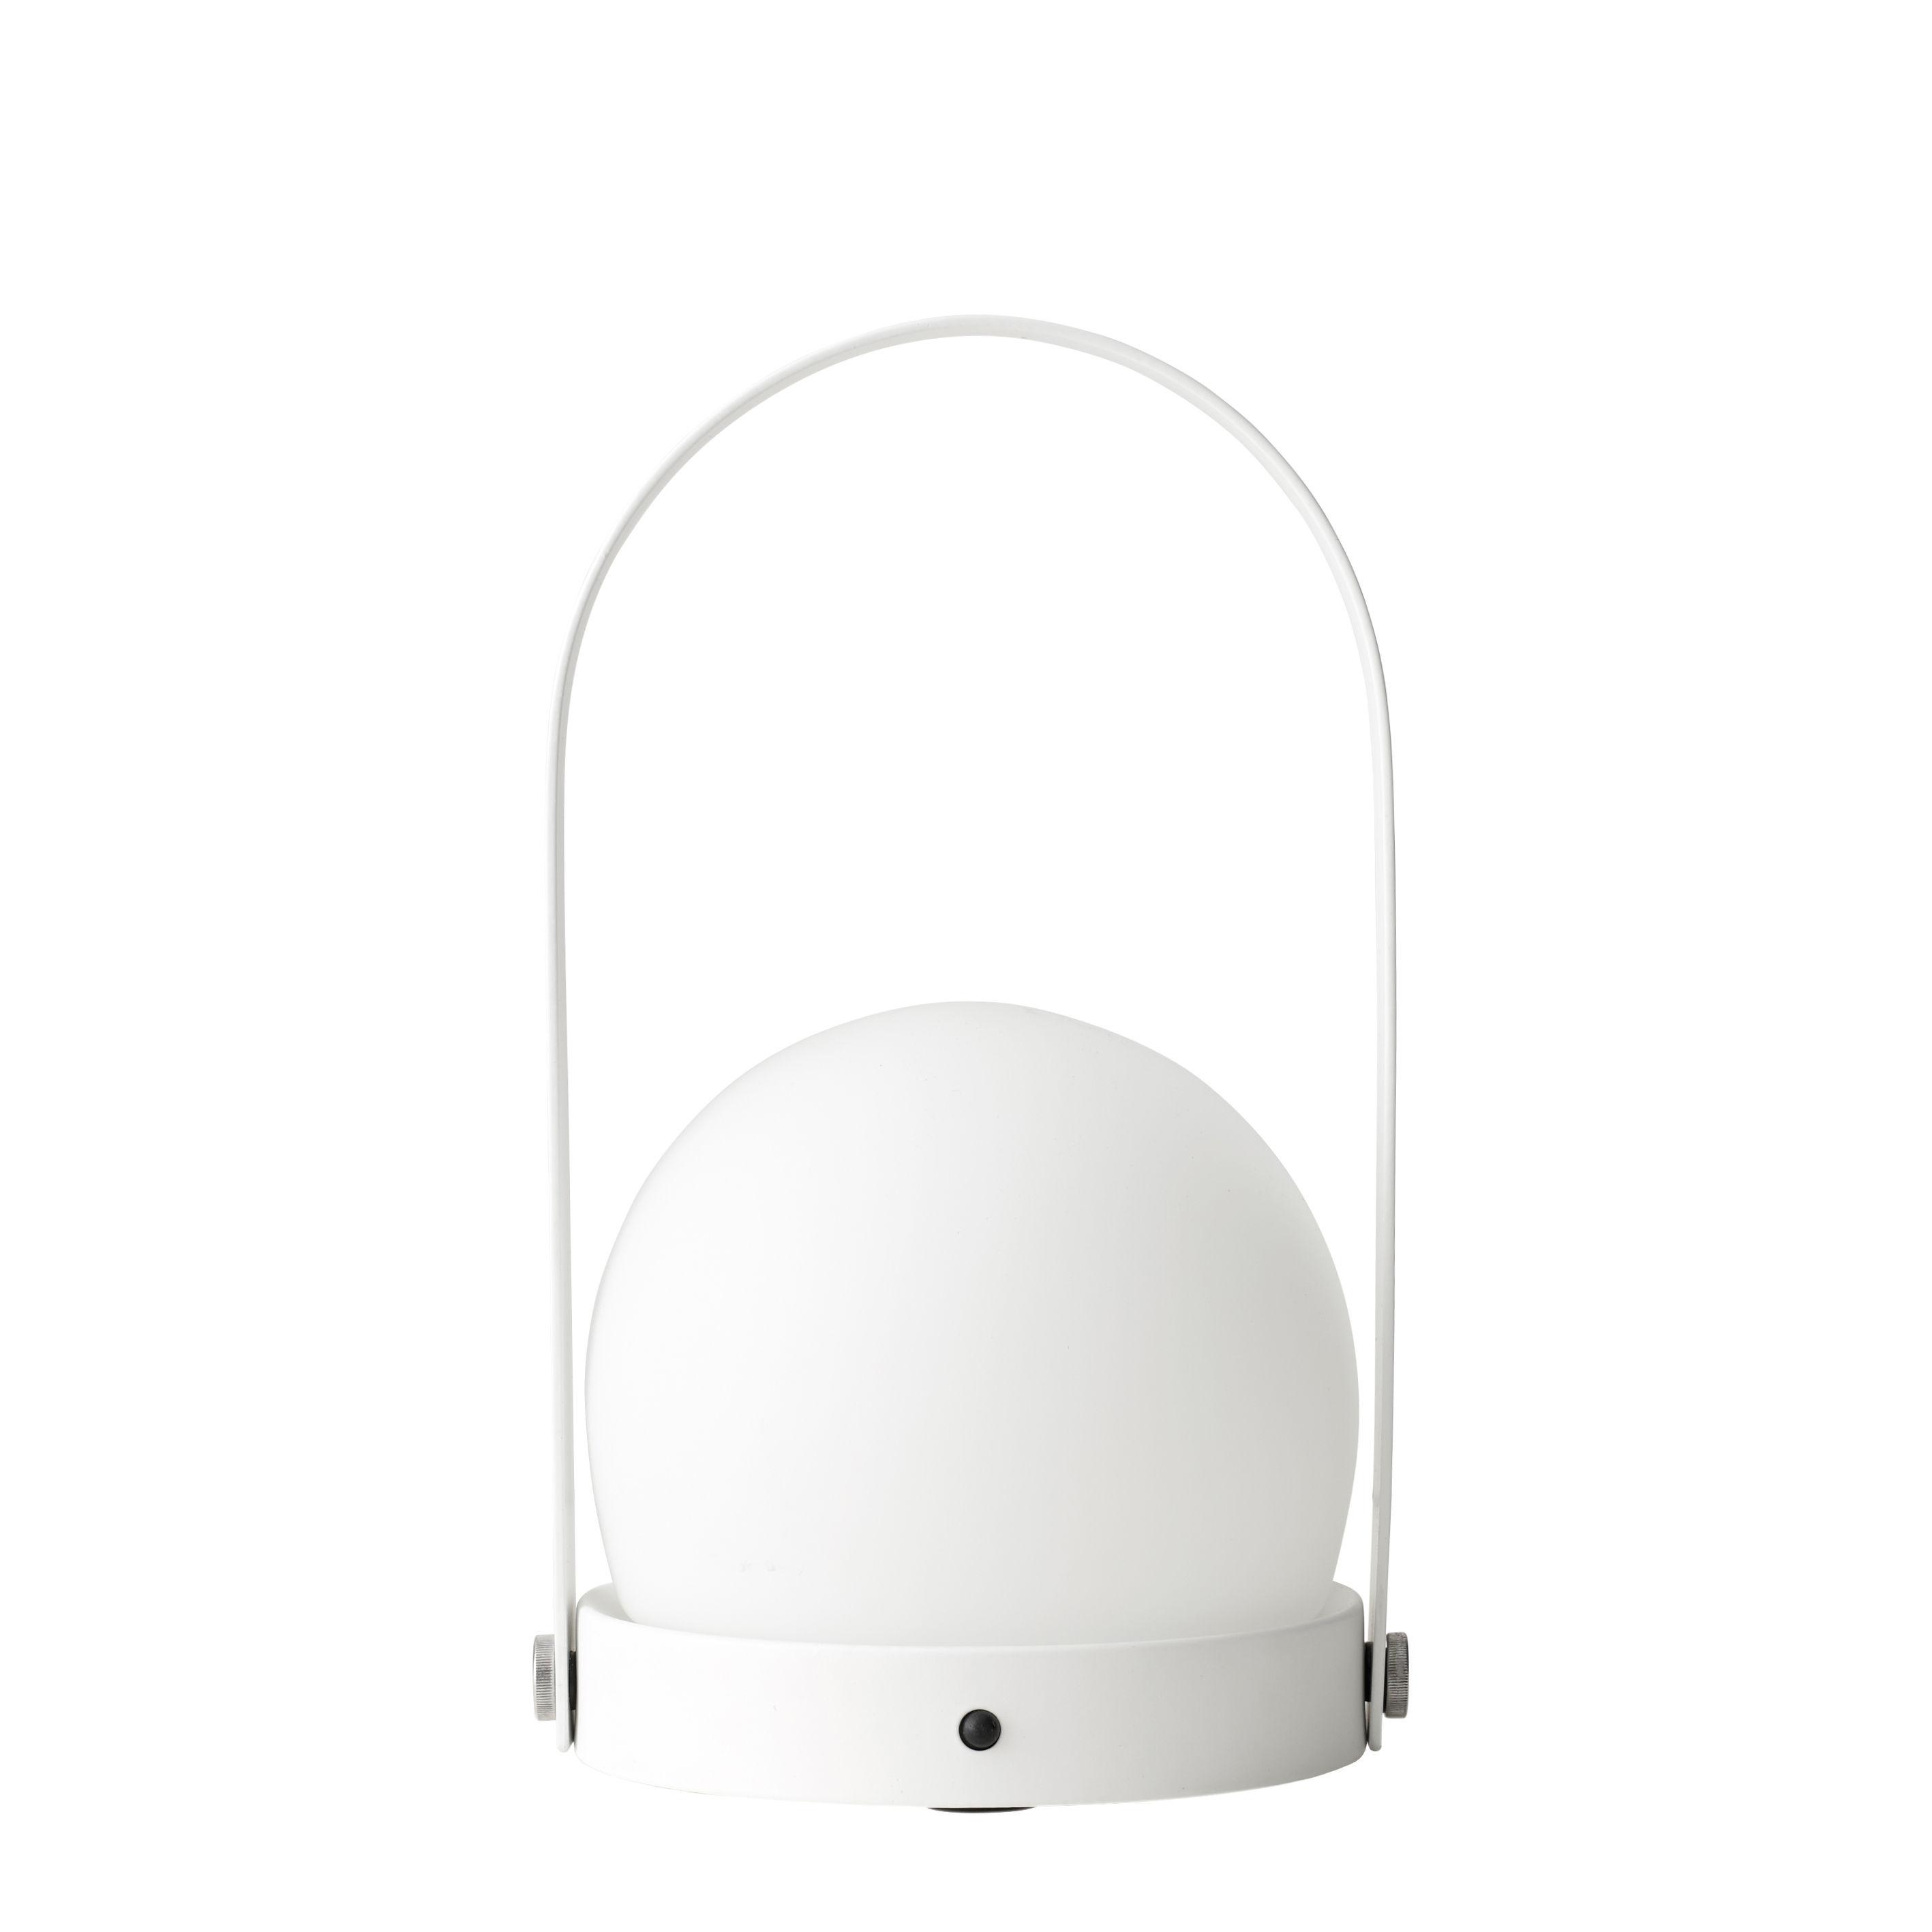 Illuminazione - Lampade da tavolo - Lampada senza fili Carrie LED - / Ricarica USB - Metallo & vetro di Menu - Bianco - Acciaio verniciato a polveri, Vetro opalino